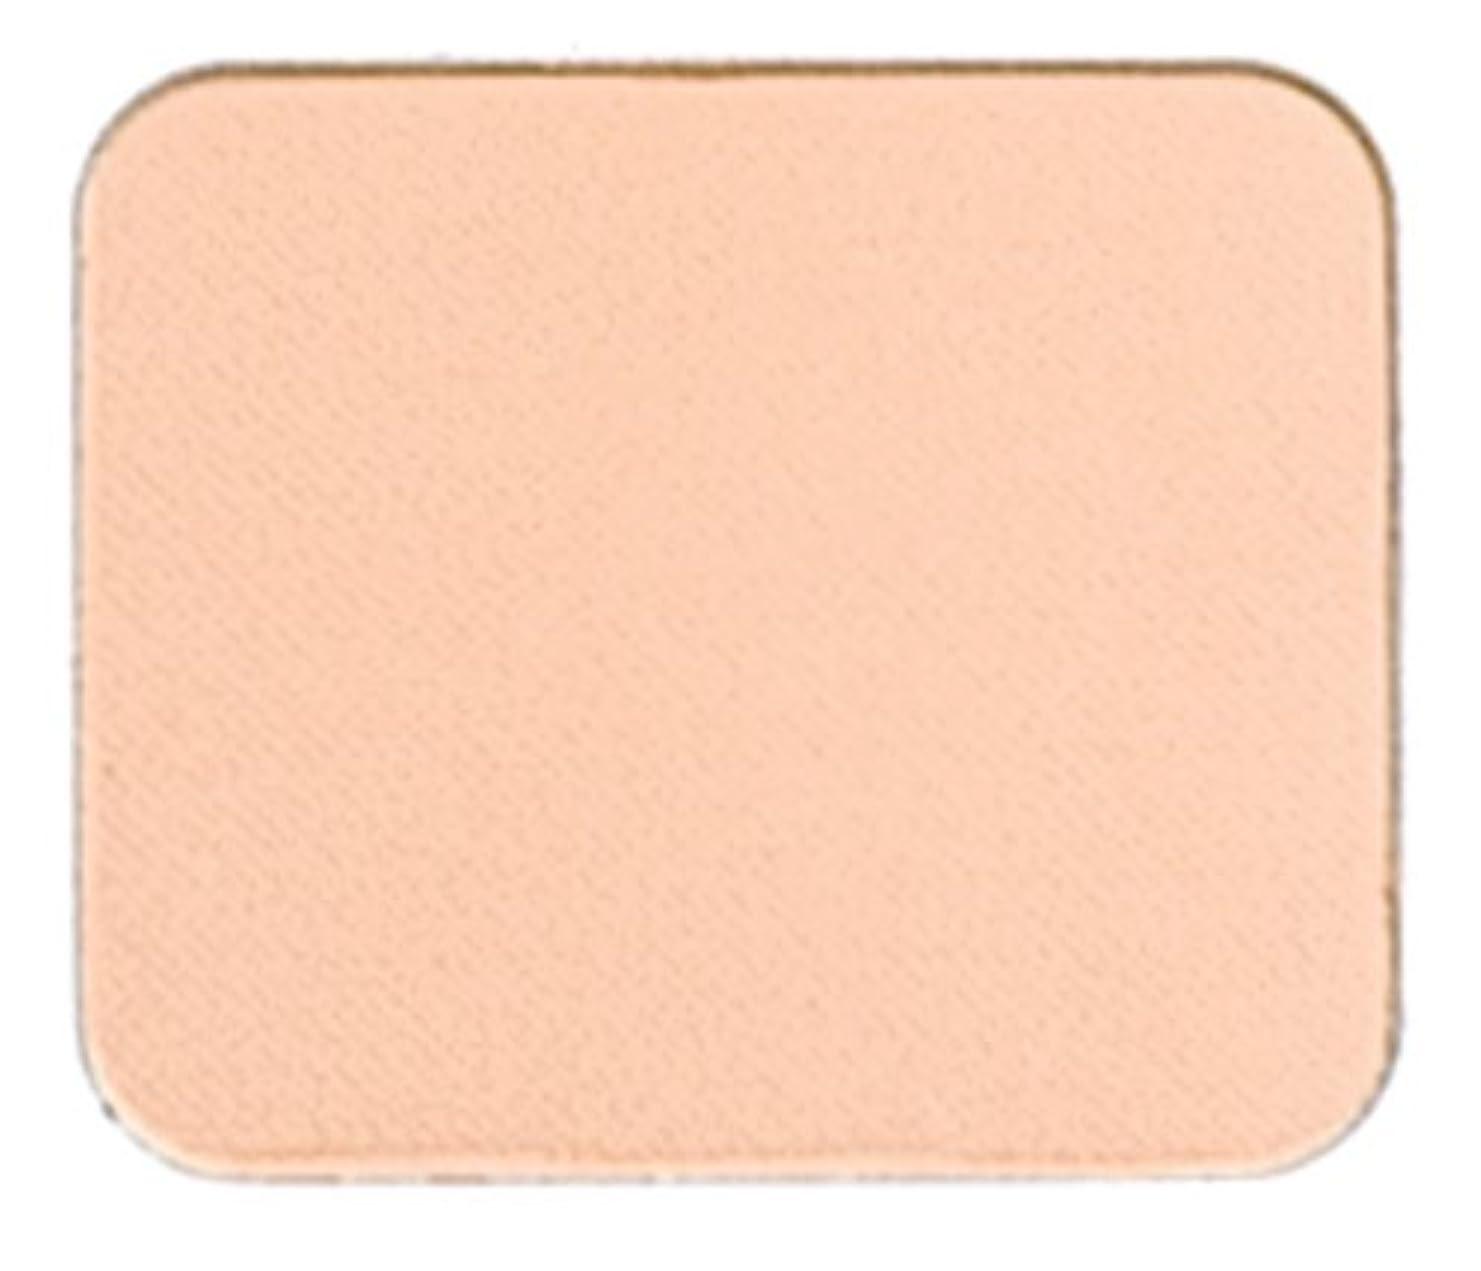 洞察力のある個人的にビュッフェドクターシーラボ BBパーフェクトファンデーション WHITE377プラス ナチュラル1(明るい肌色) 12g SPF25 PA++